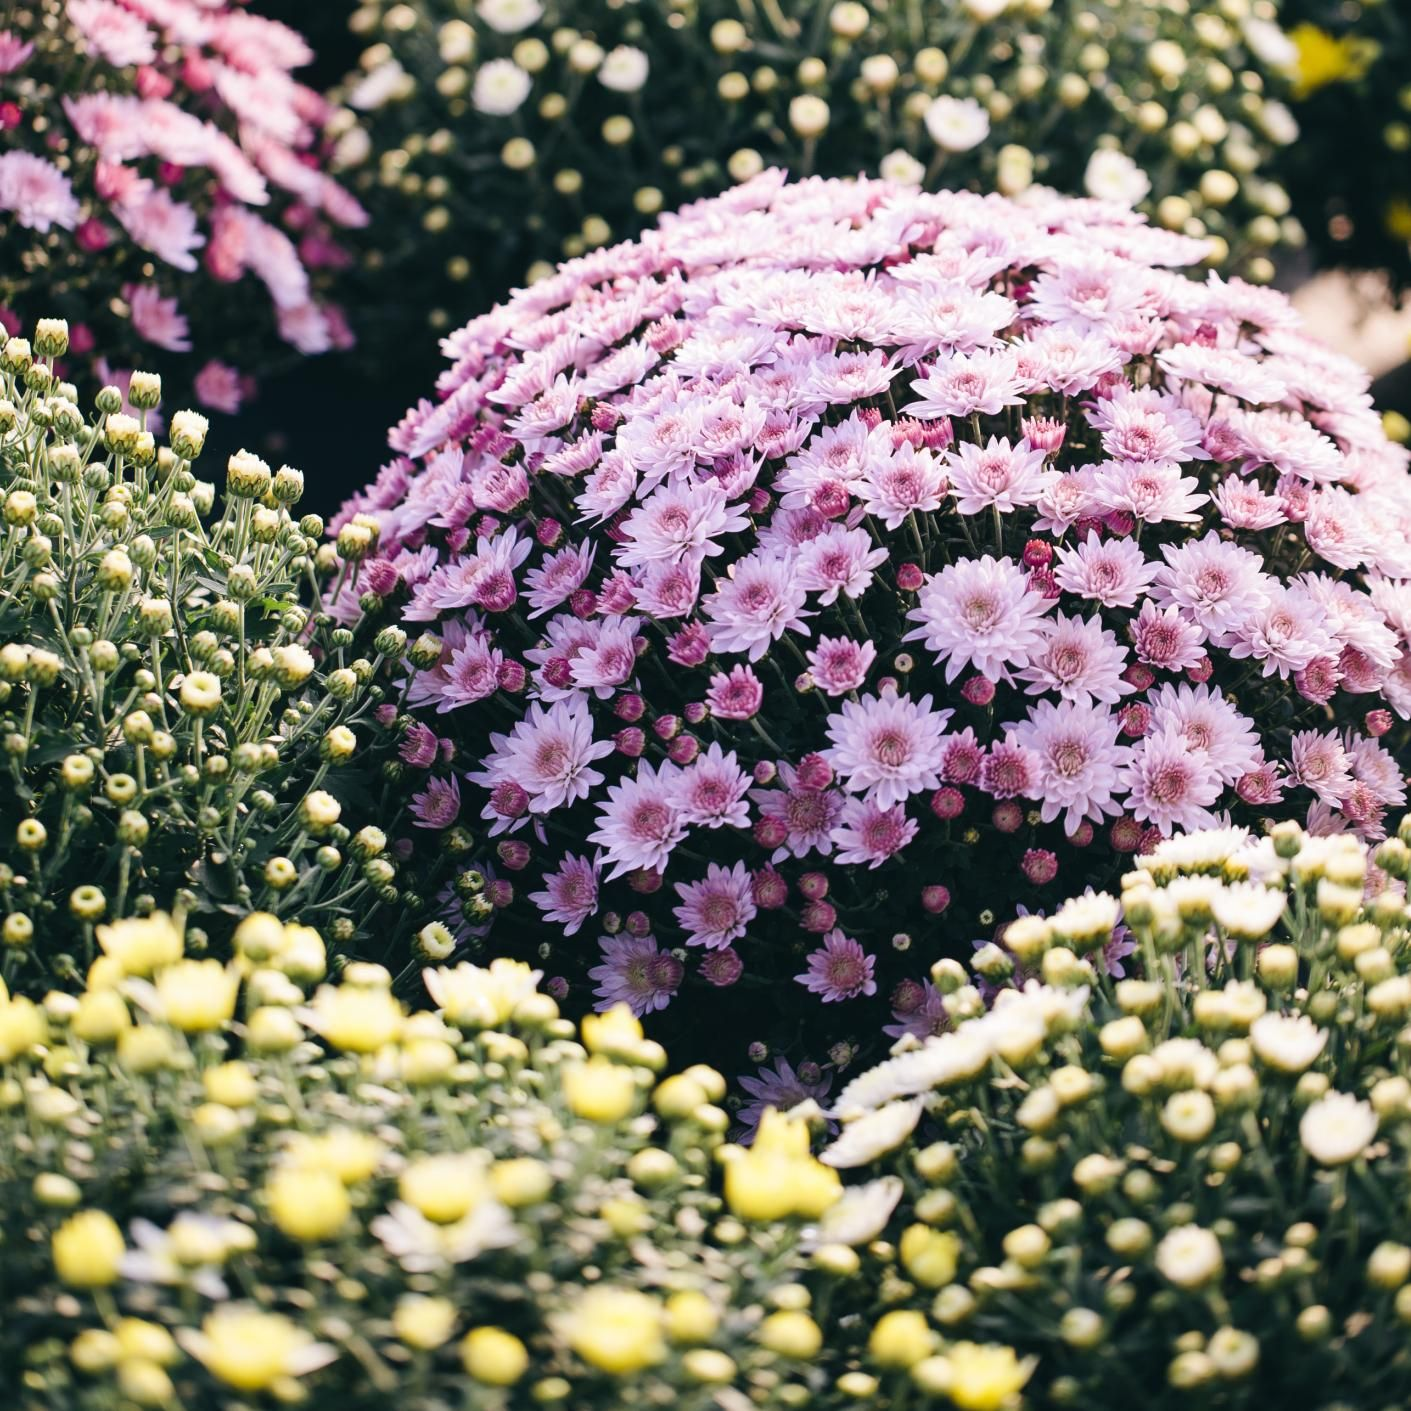 List of flowering evergreen shrubs garden let 39 s plant for Low maintenance evergreen shrubs